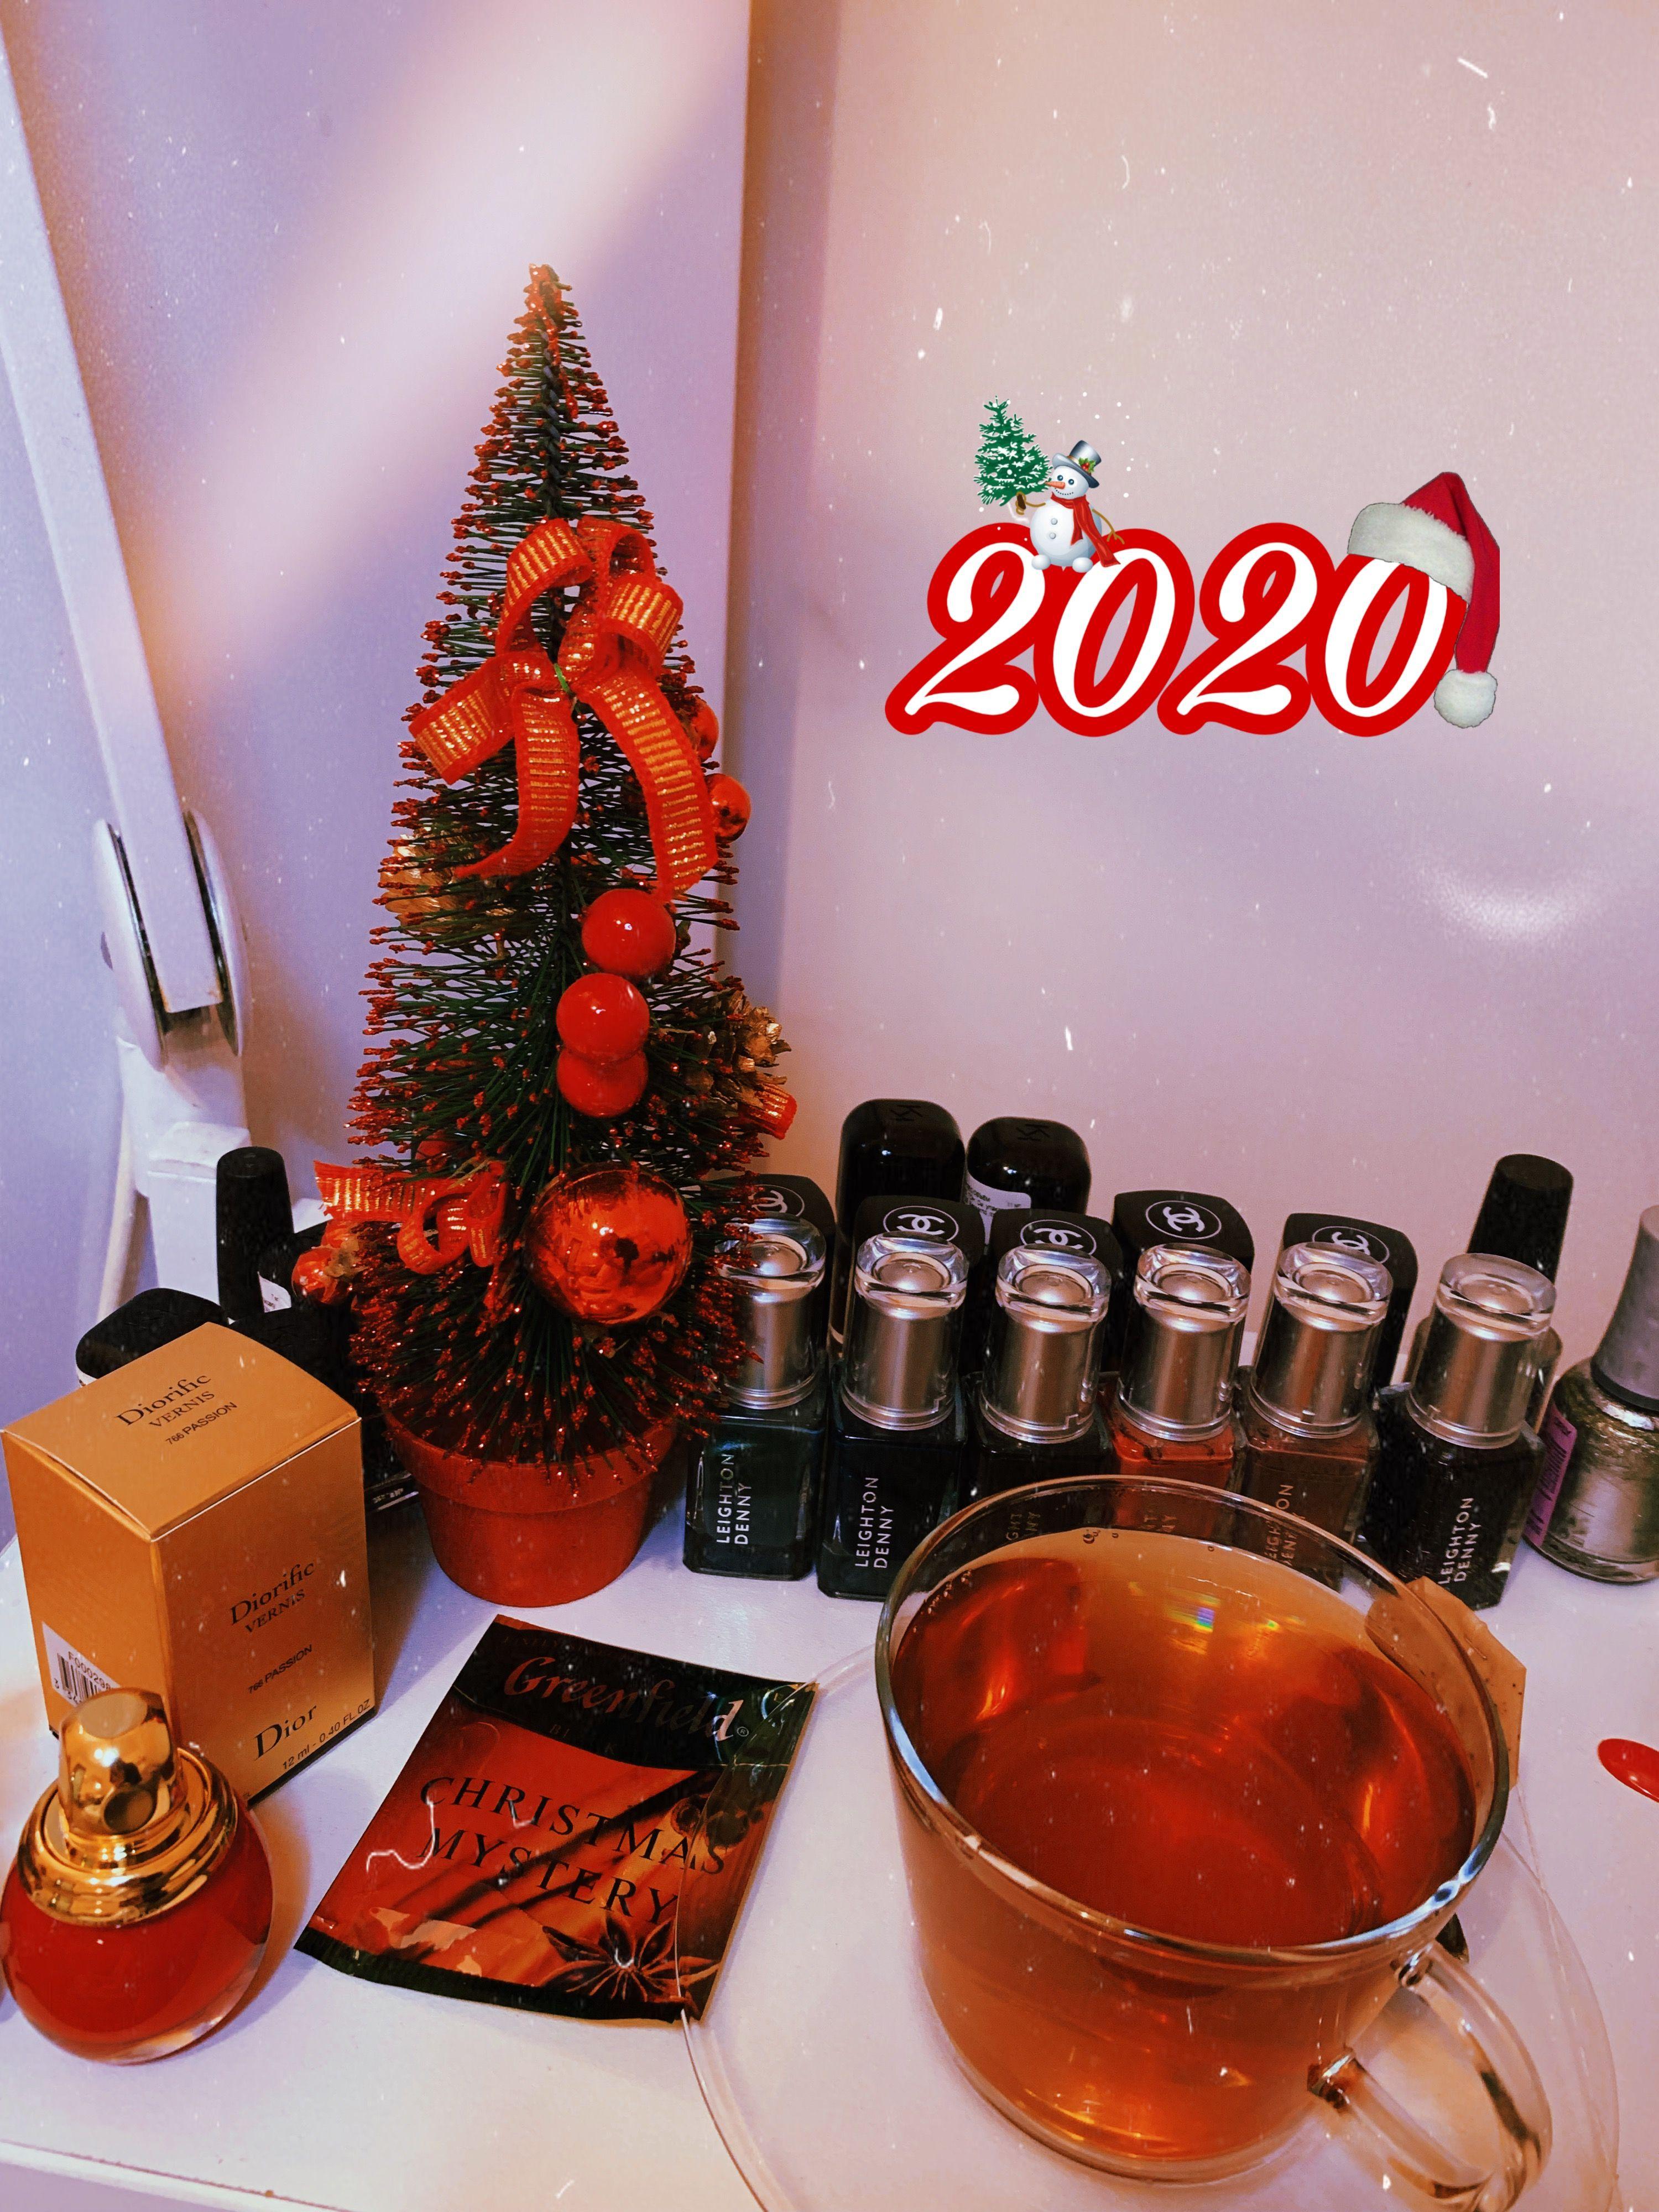 праздник к нам приходит а мы уже тестим рождественскую коллекцию 2020